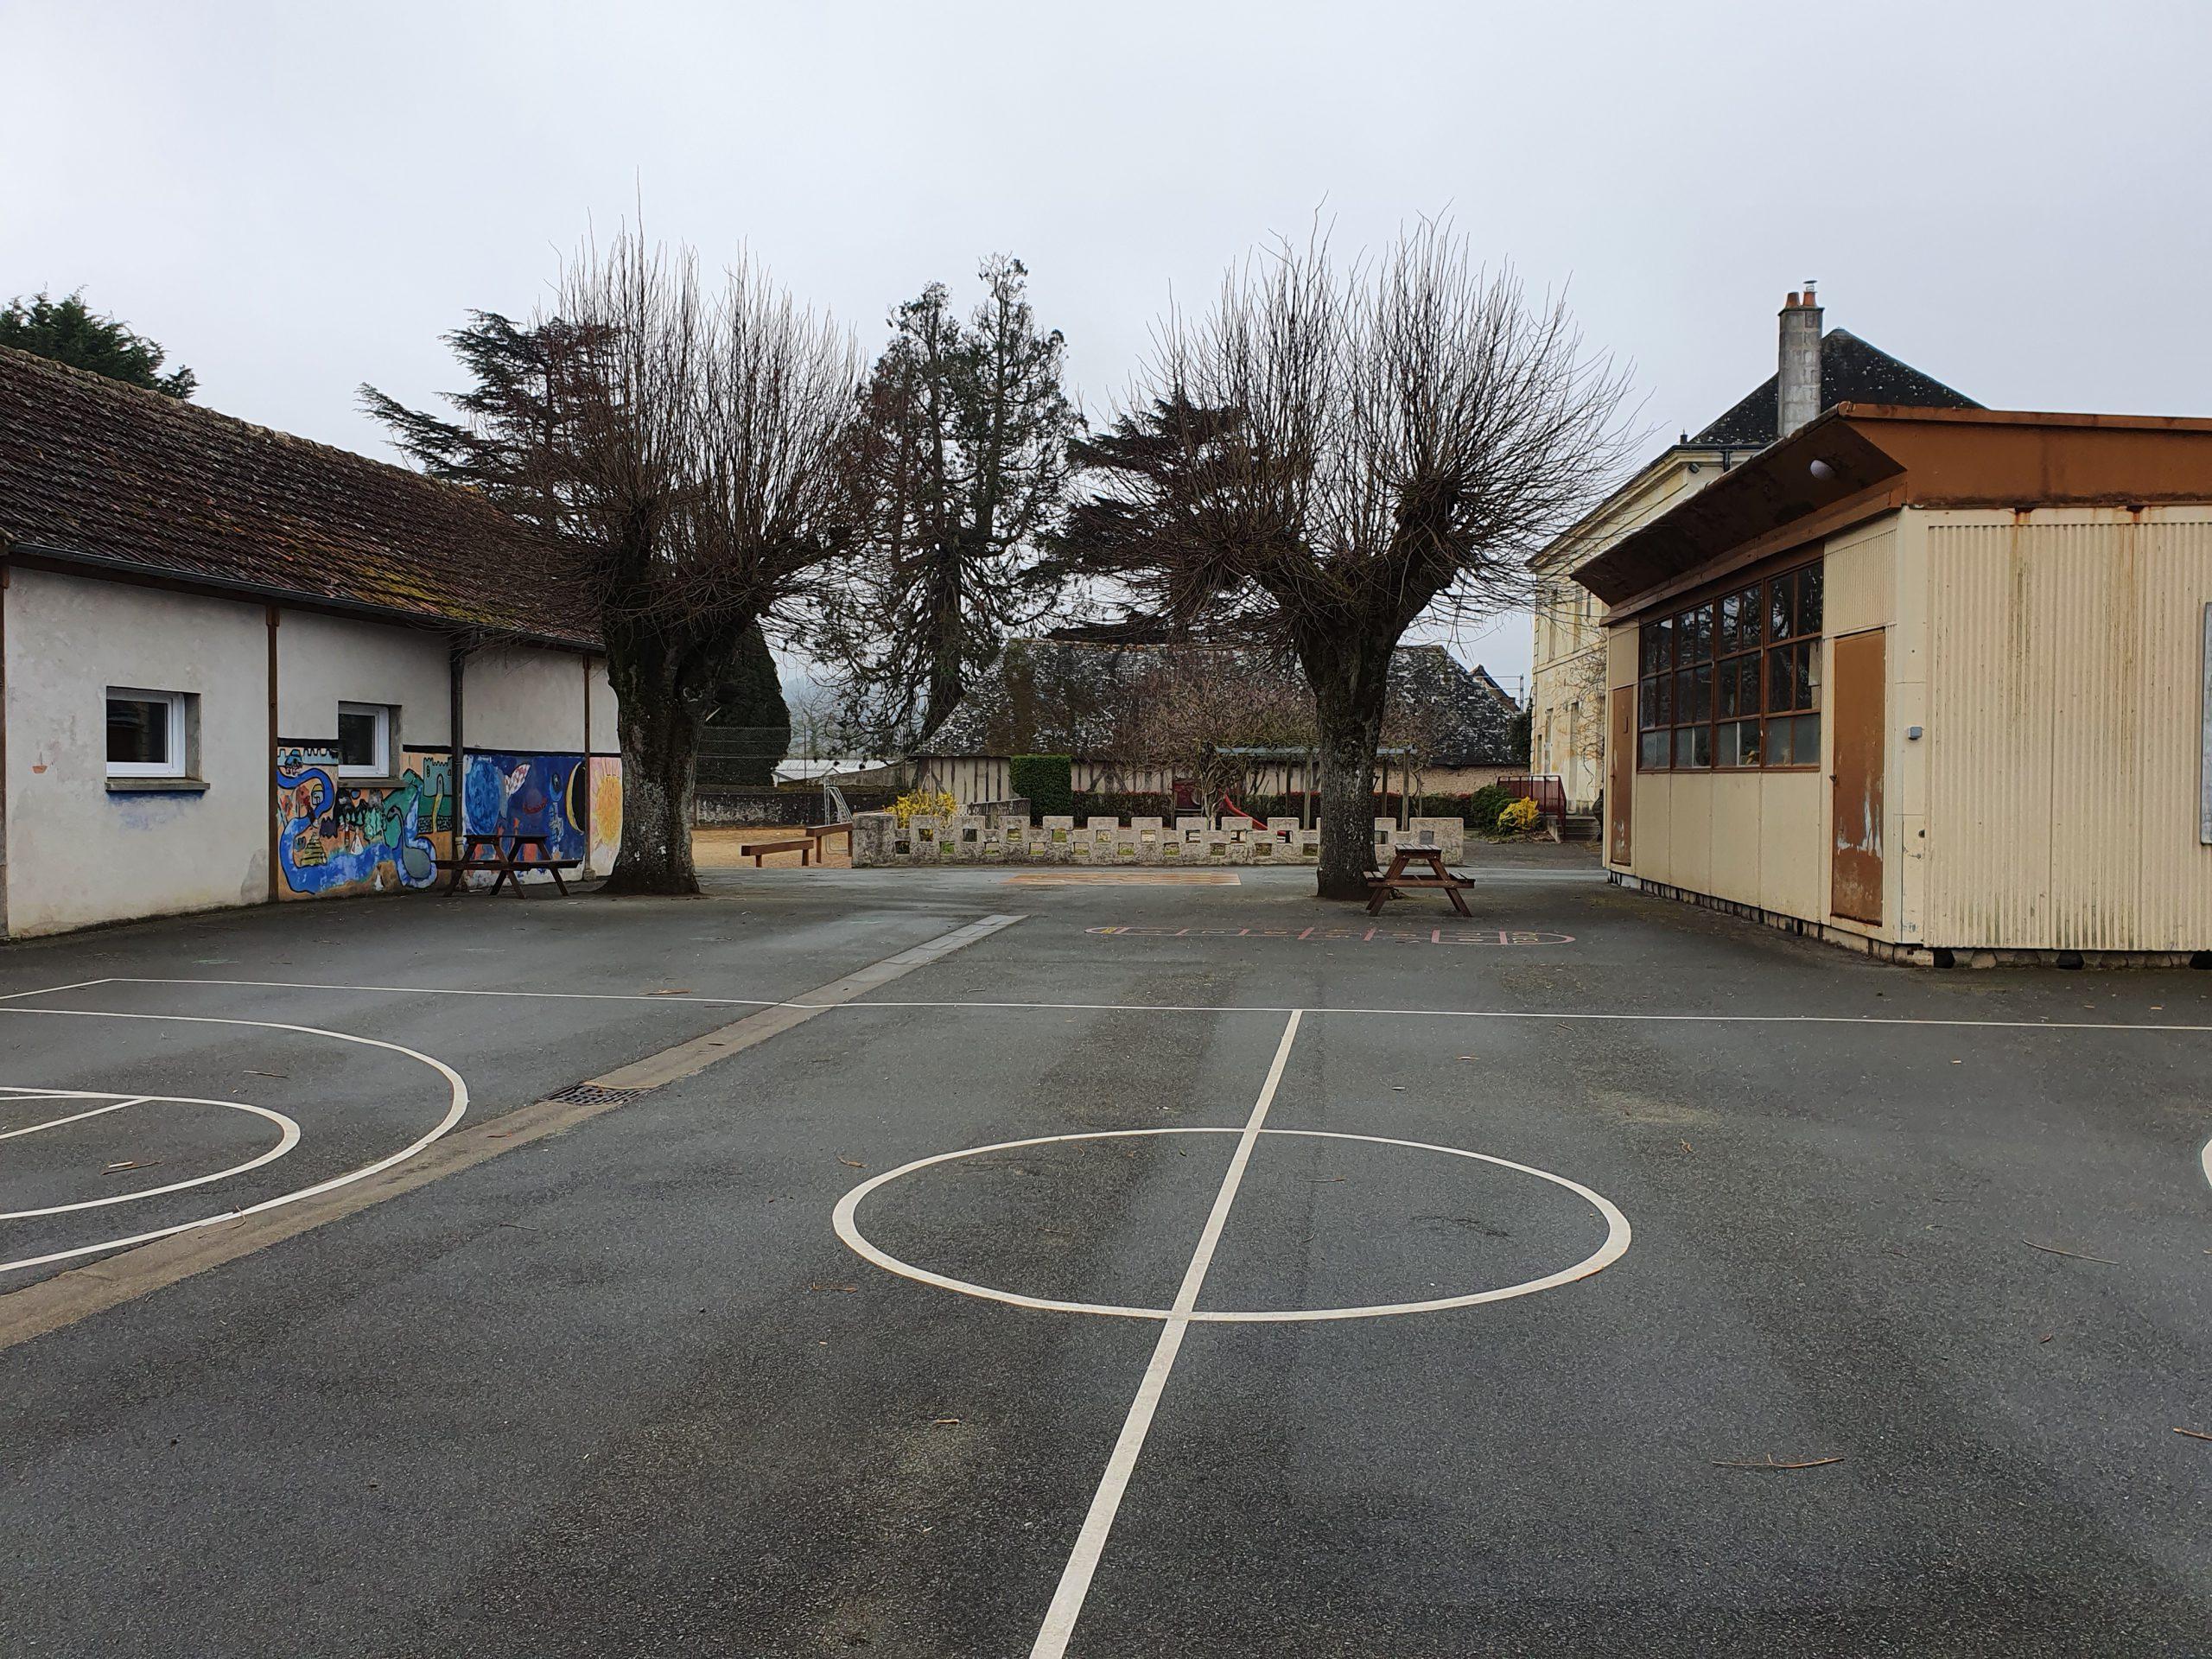 École Louise Michel